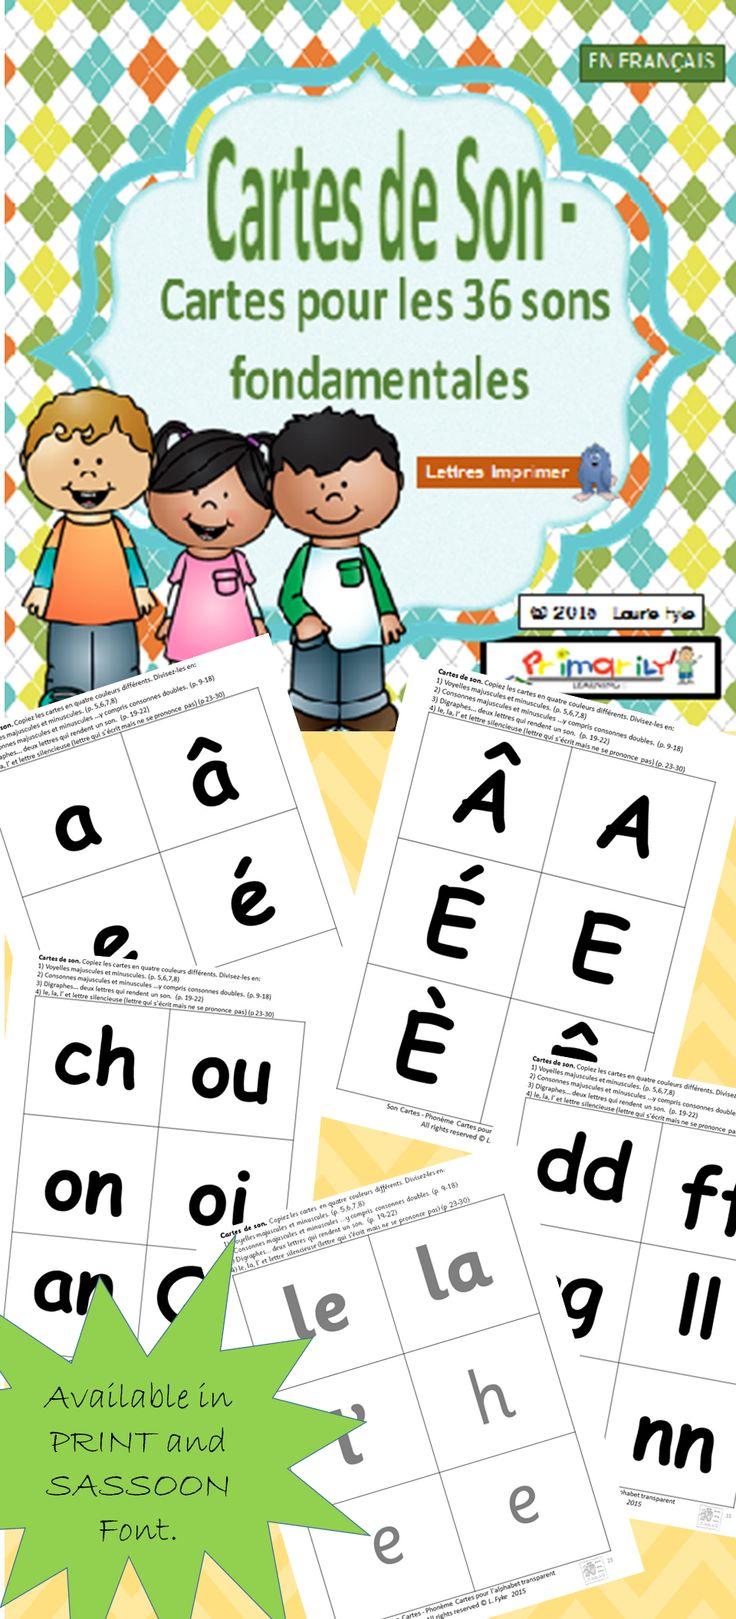 French Cartes de Son plements Le manuel phonique by Jolly Learning Ltd